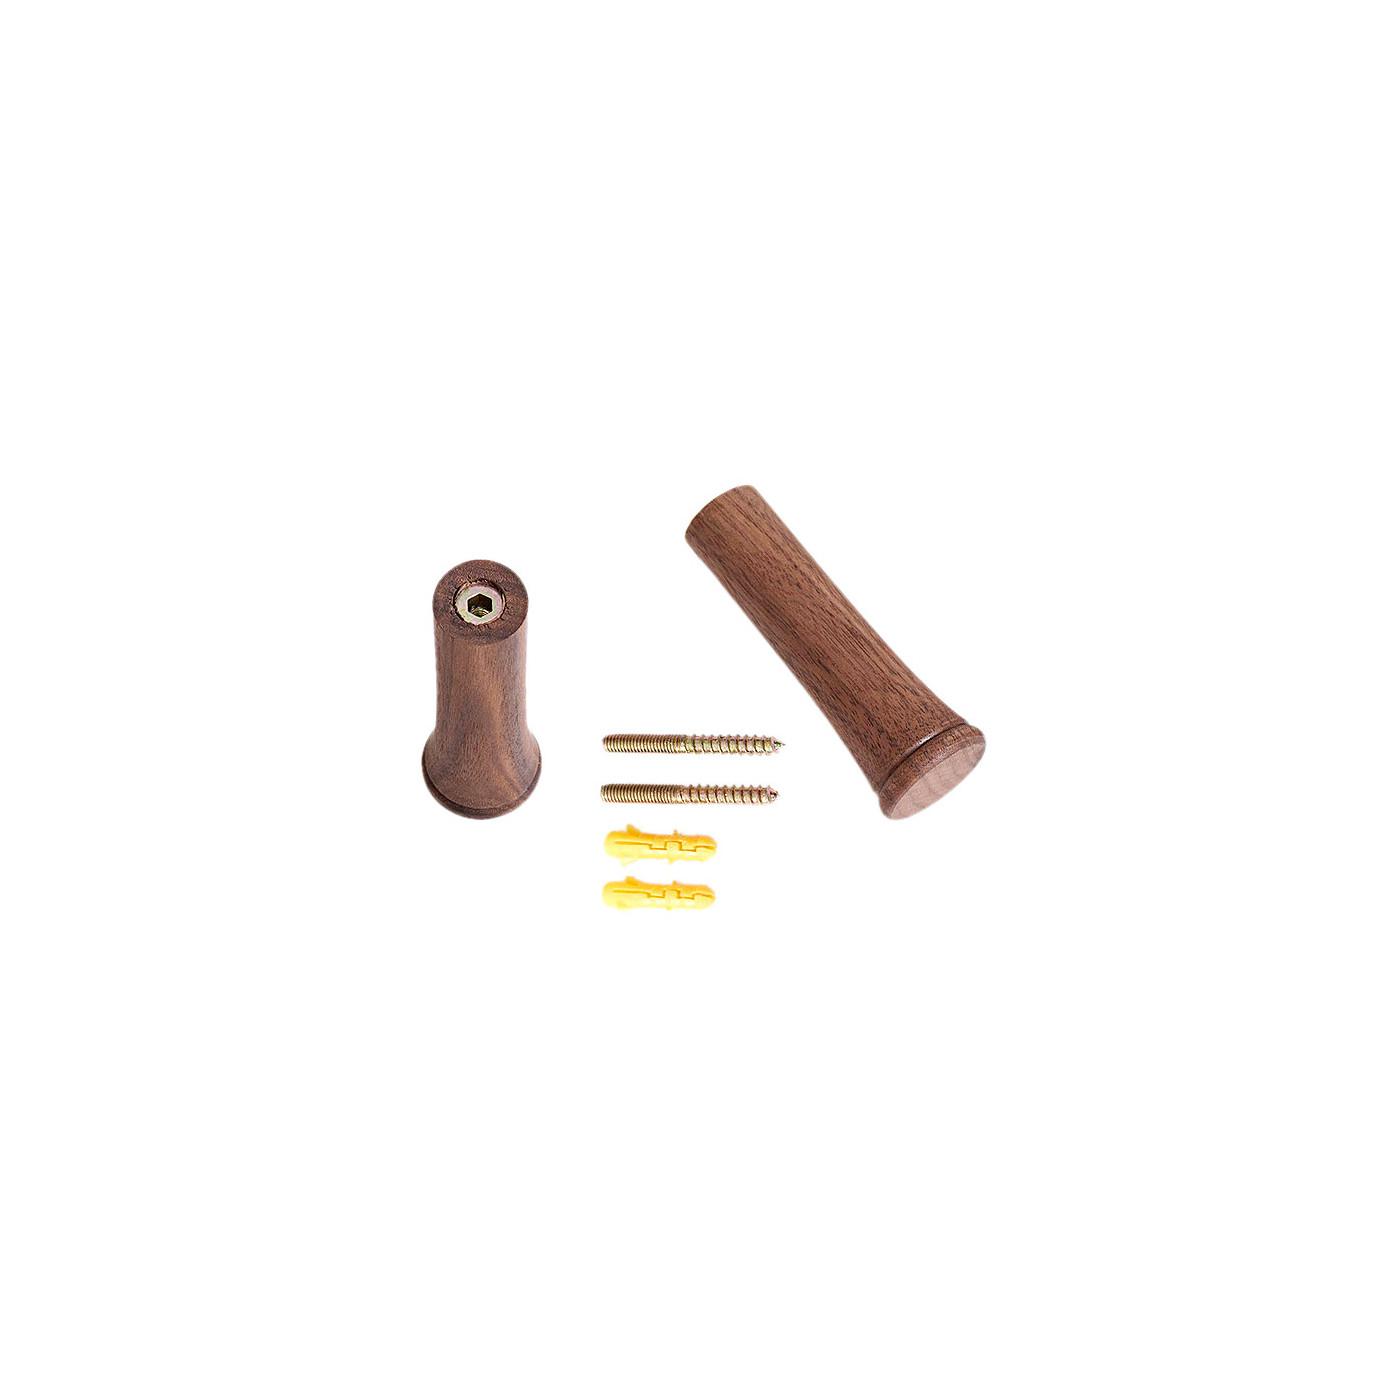 Set van 6 kledinghaken uit notenhout